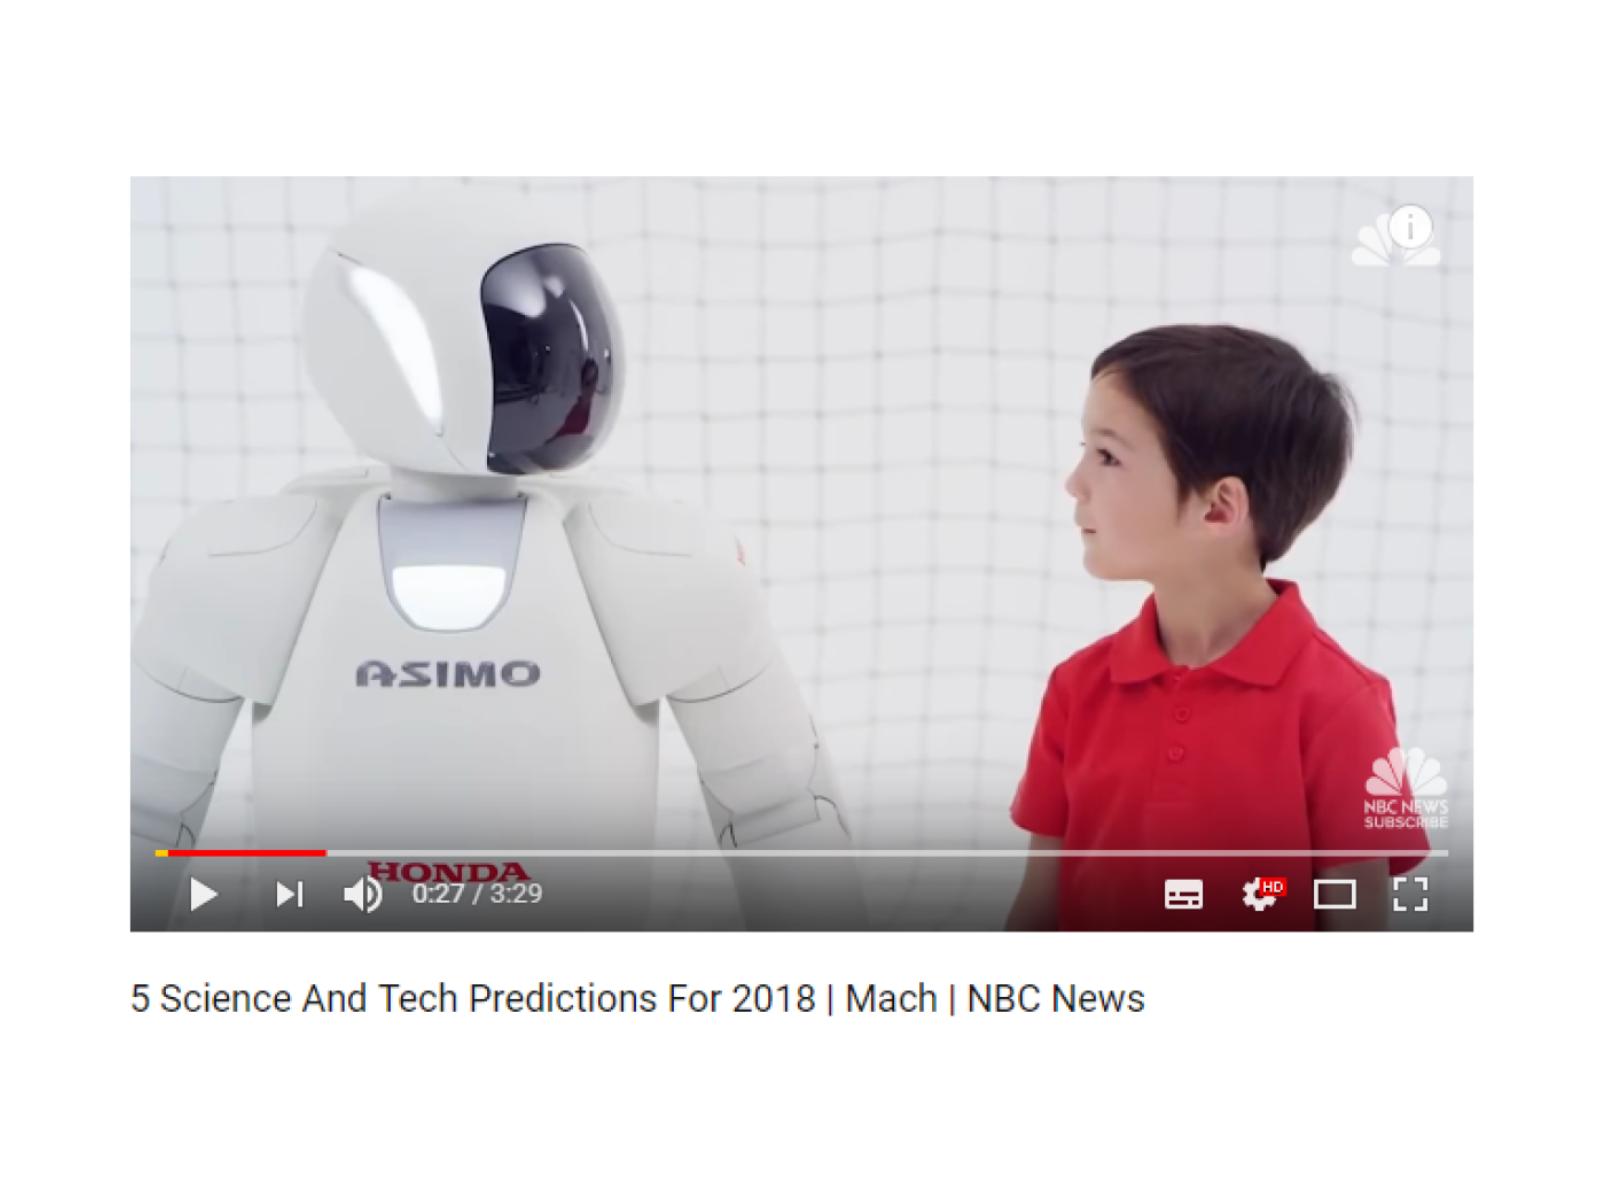 Previsões para o futuro da ciência e tecnologia